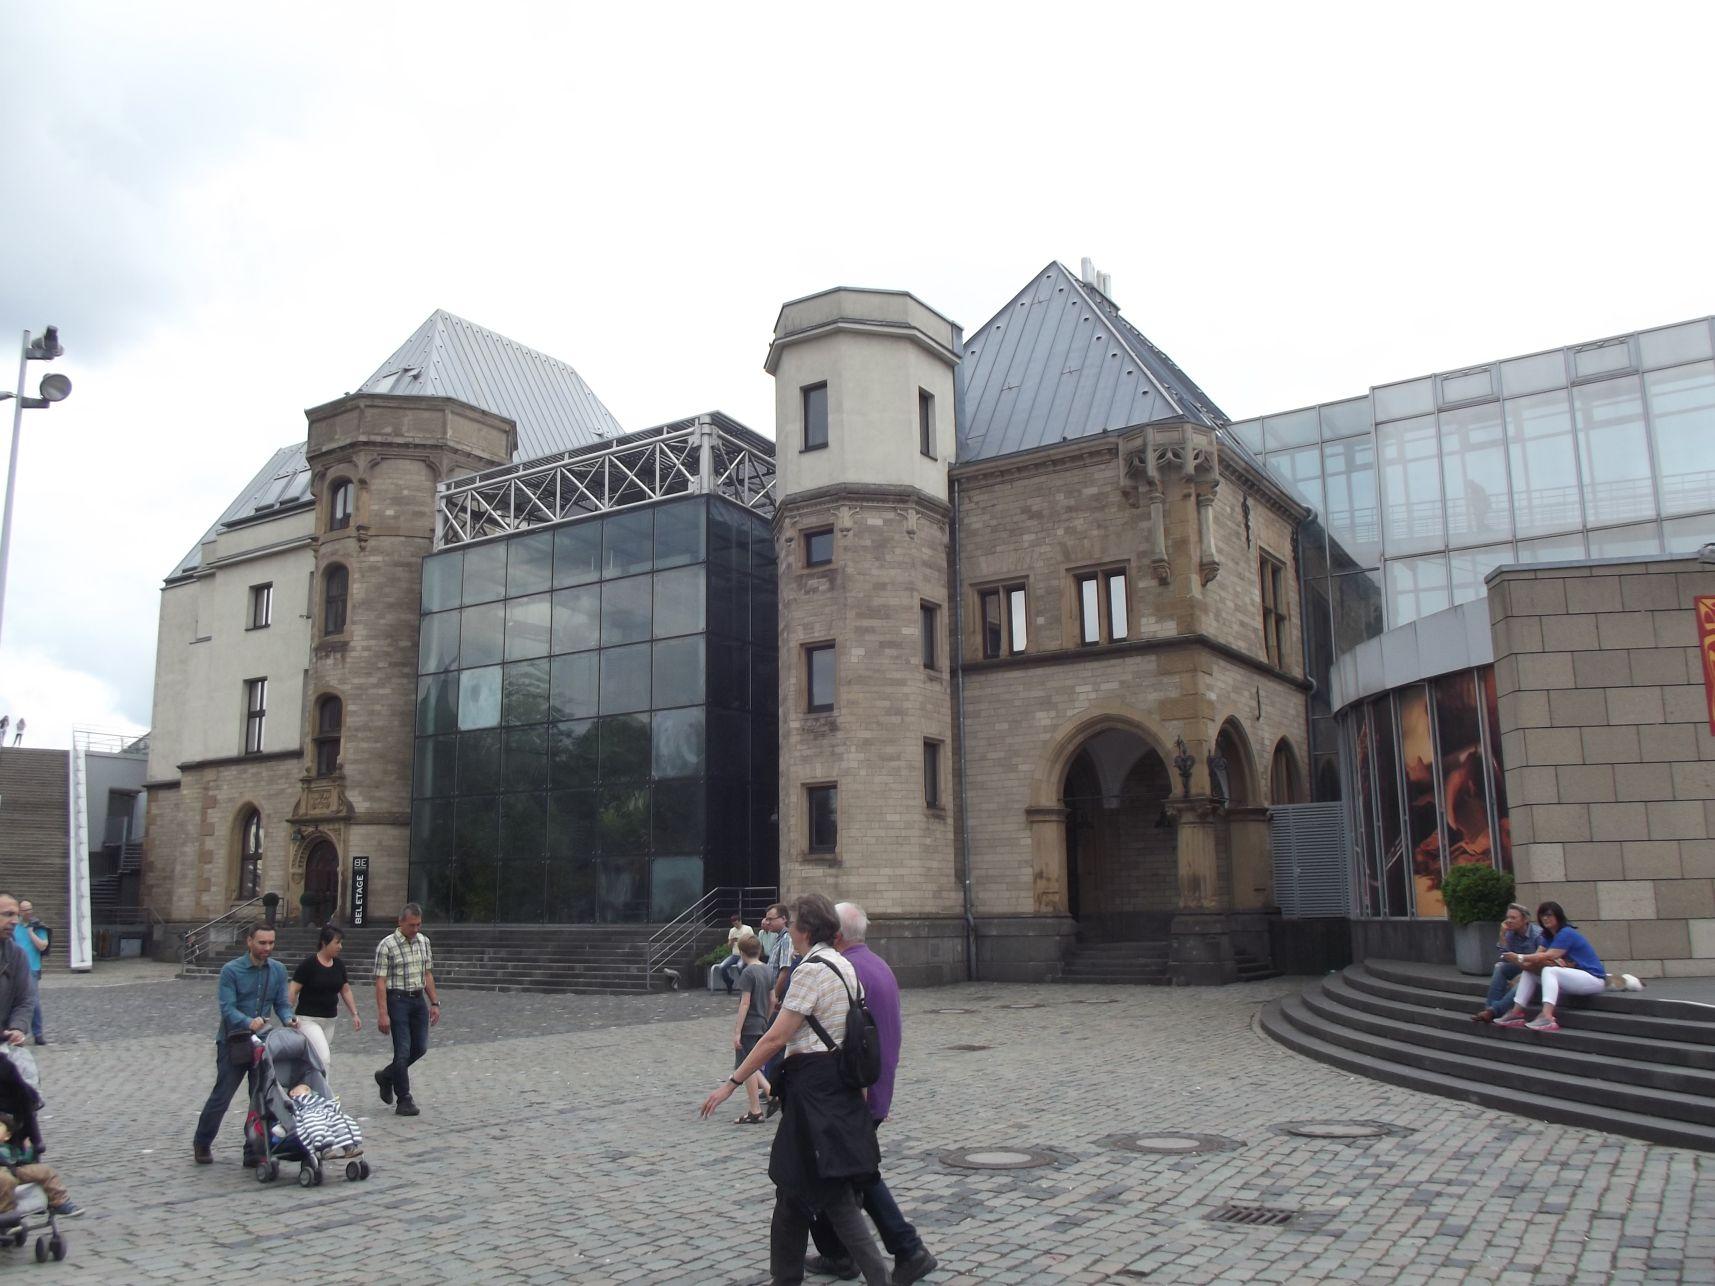 Csokimúzeum